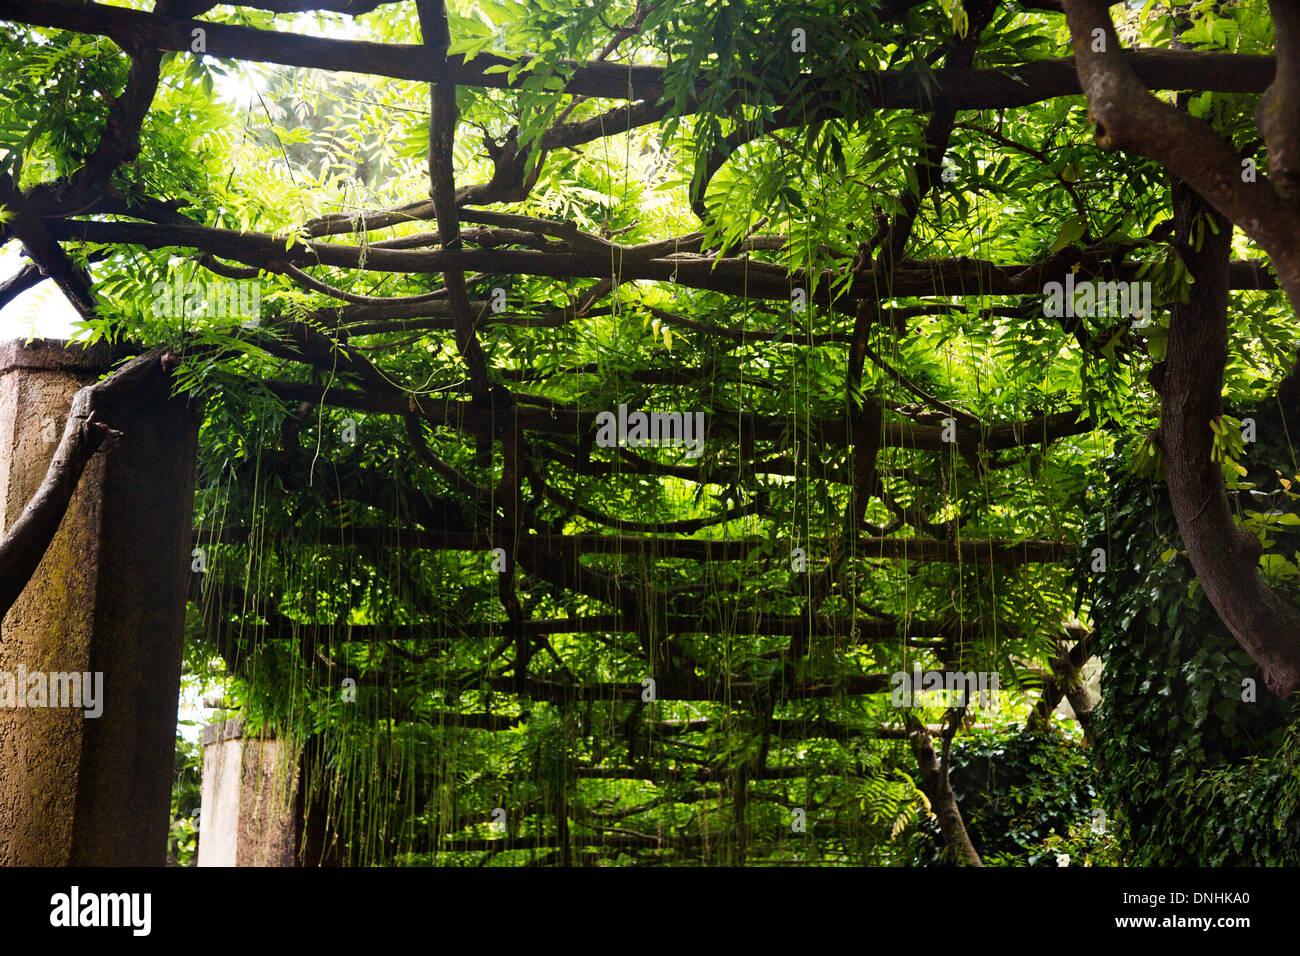 Tree canopy, Villa Cimbrone, Ravello, Province of Salerno, Campania, Italy Stock Photo